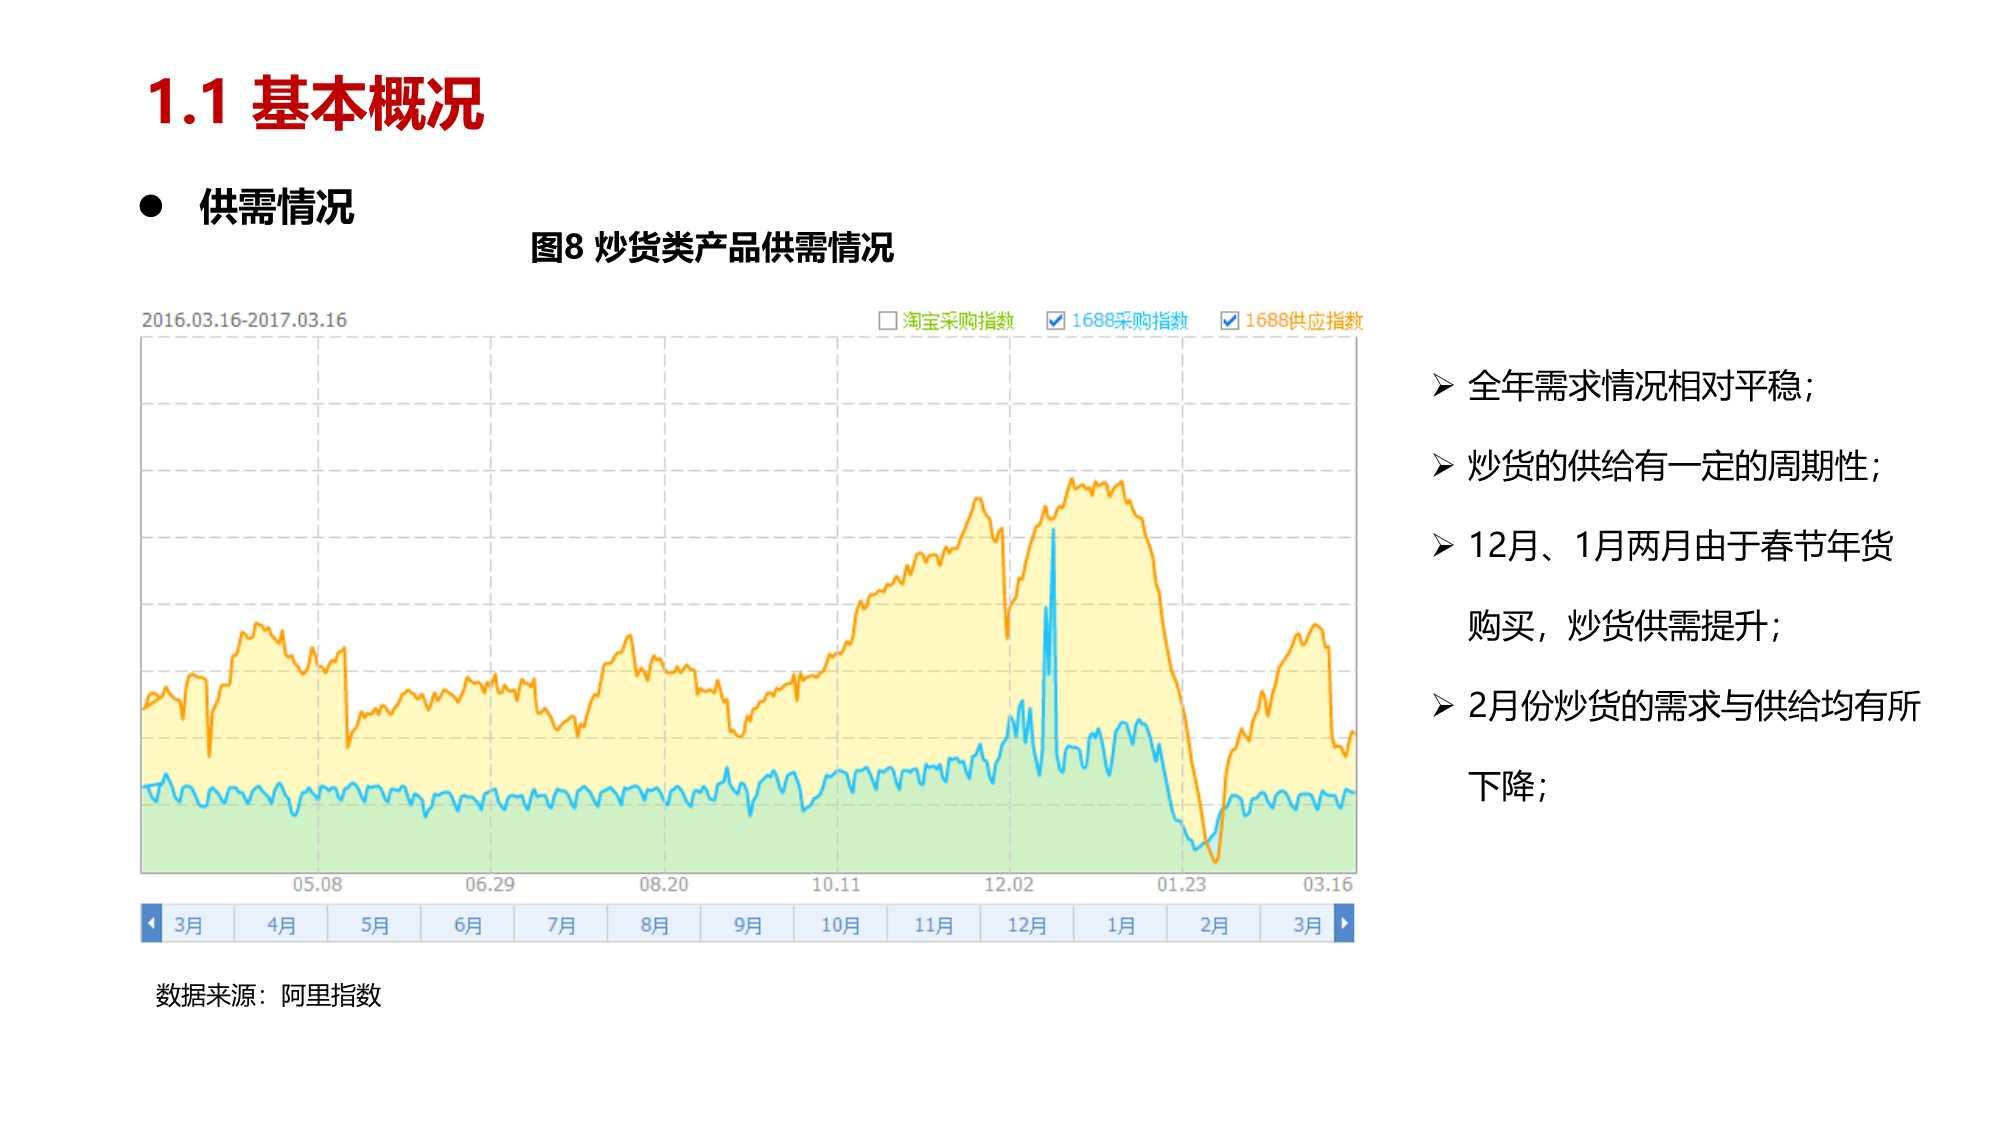 炒货行业市场分析数据研究报告